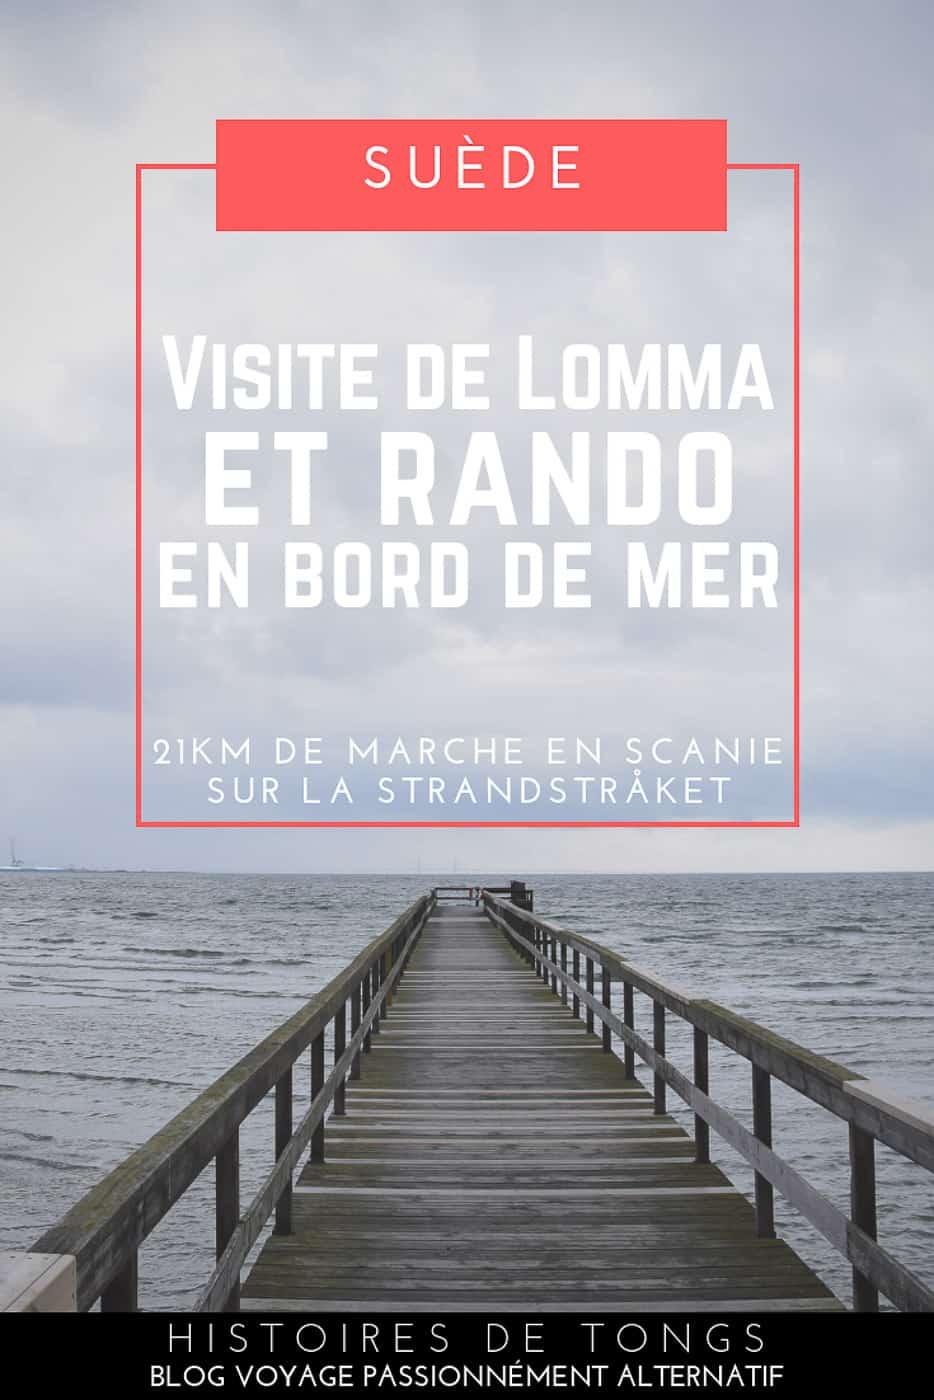 Visite de Lomma et Bjärred au Sud de la Suède (région de Skåne) et randonnée de 21km sur la Strandstråket, un magnifique sentier qui longe le bord de mer... | Histoires de tongs, le blog voyage passionnément alternatif